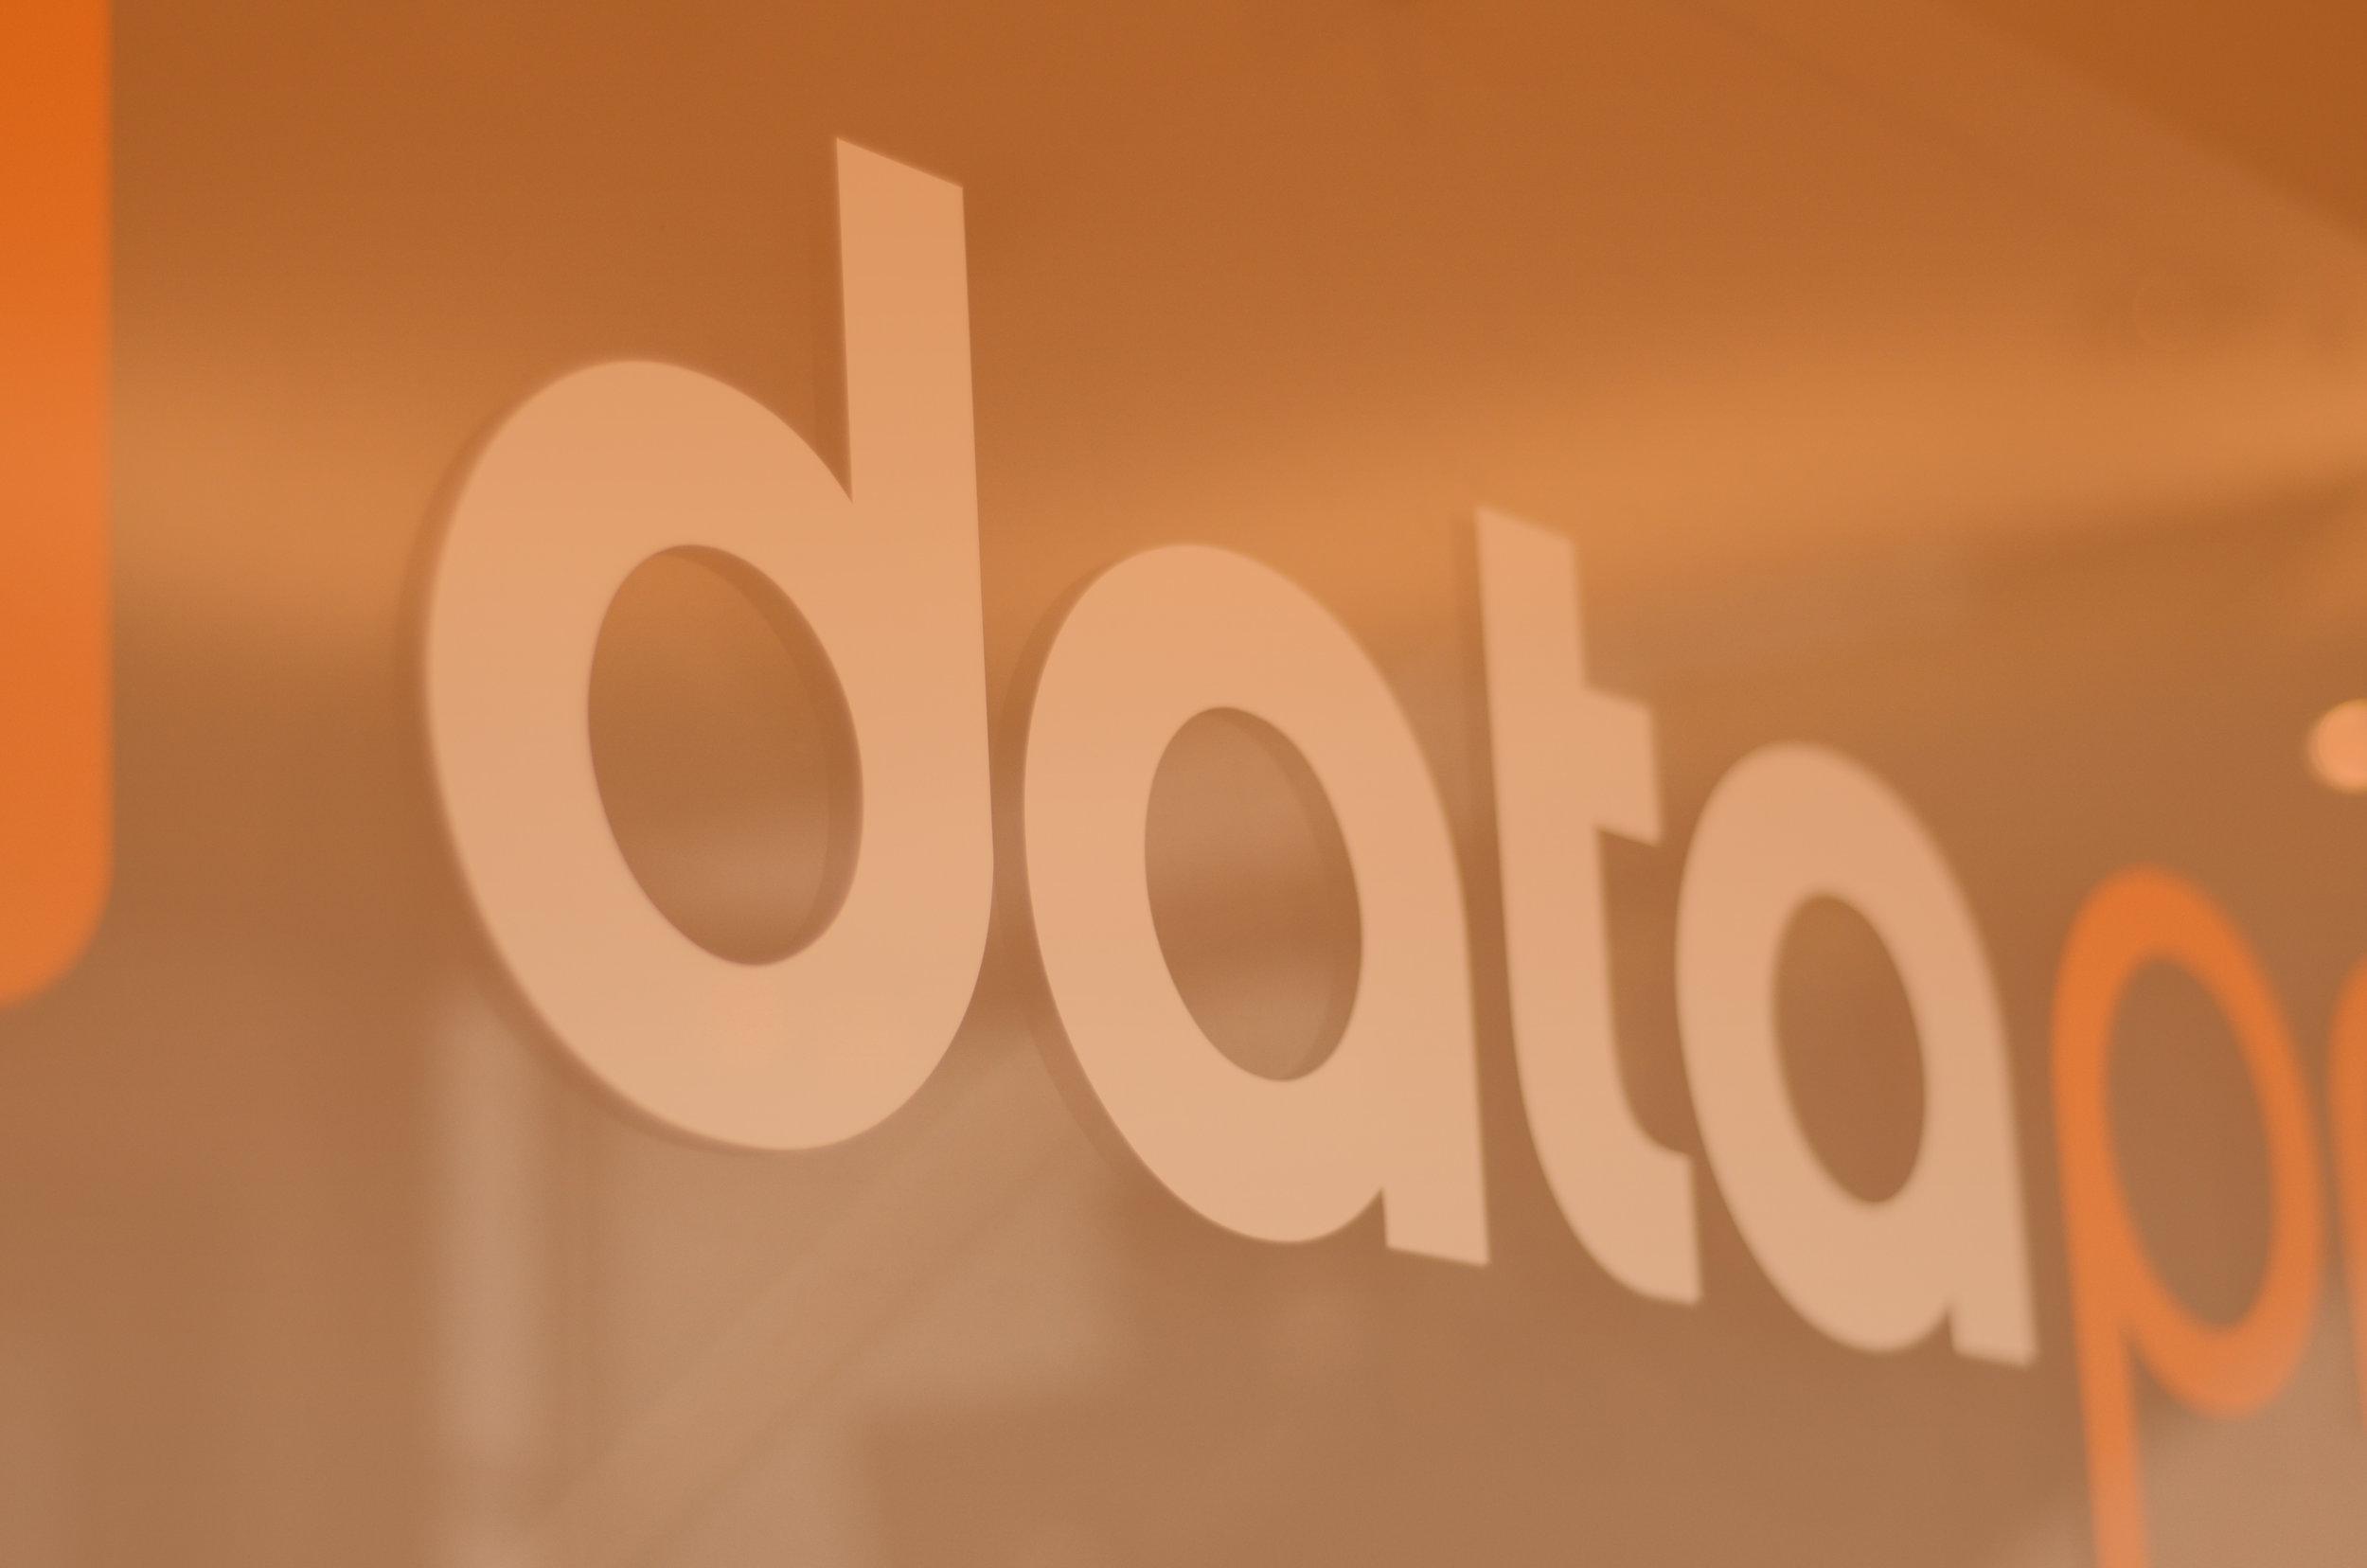 Contact Dataprint